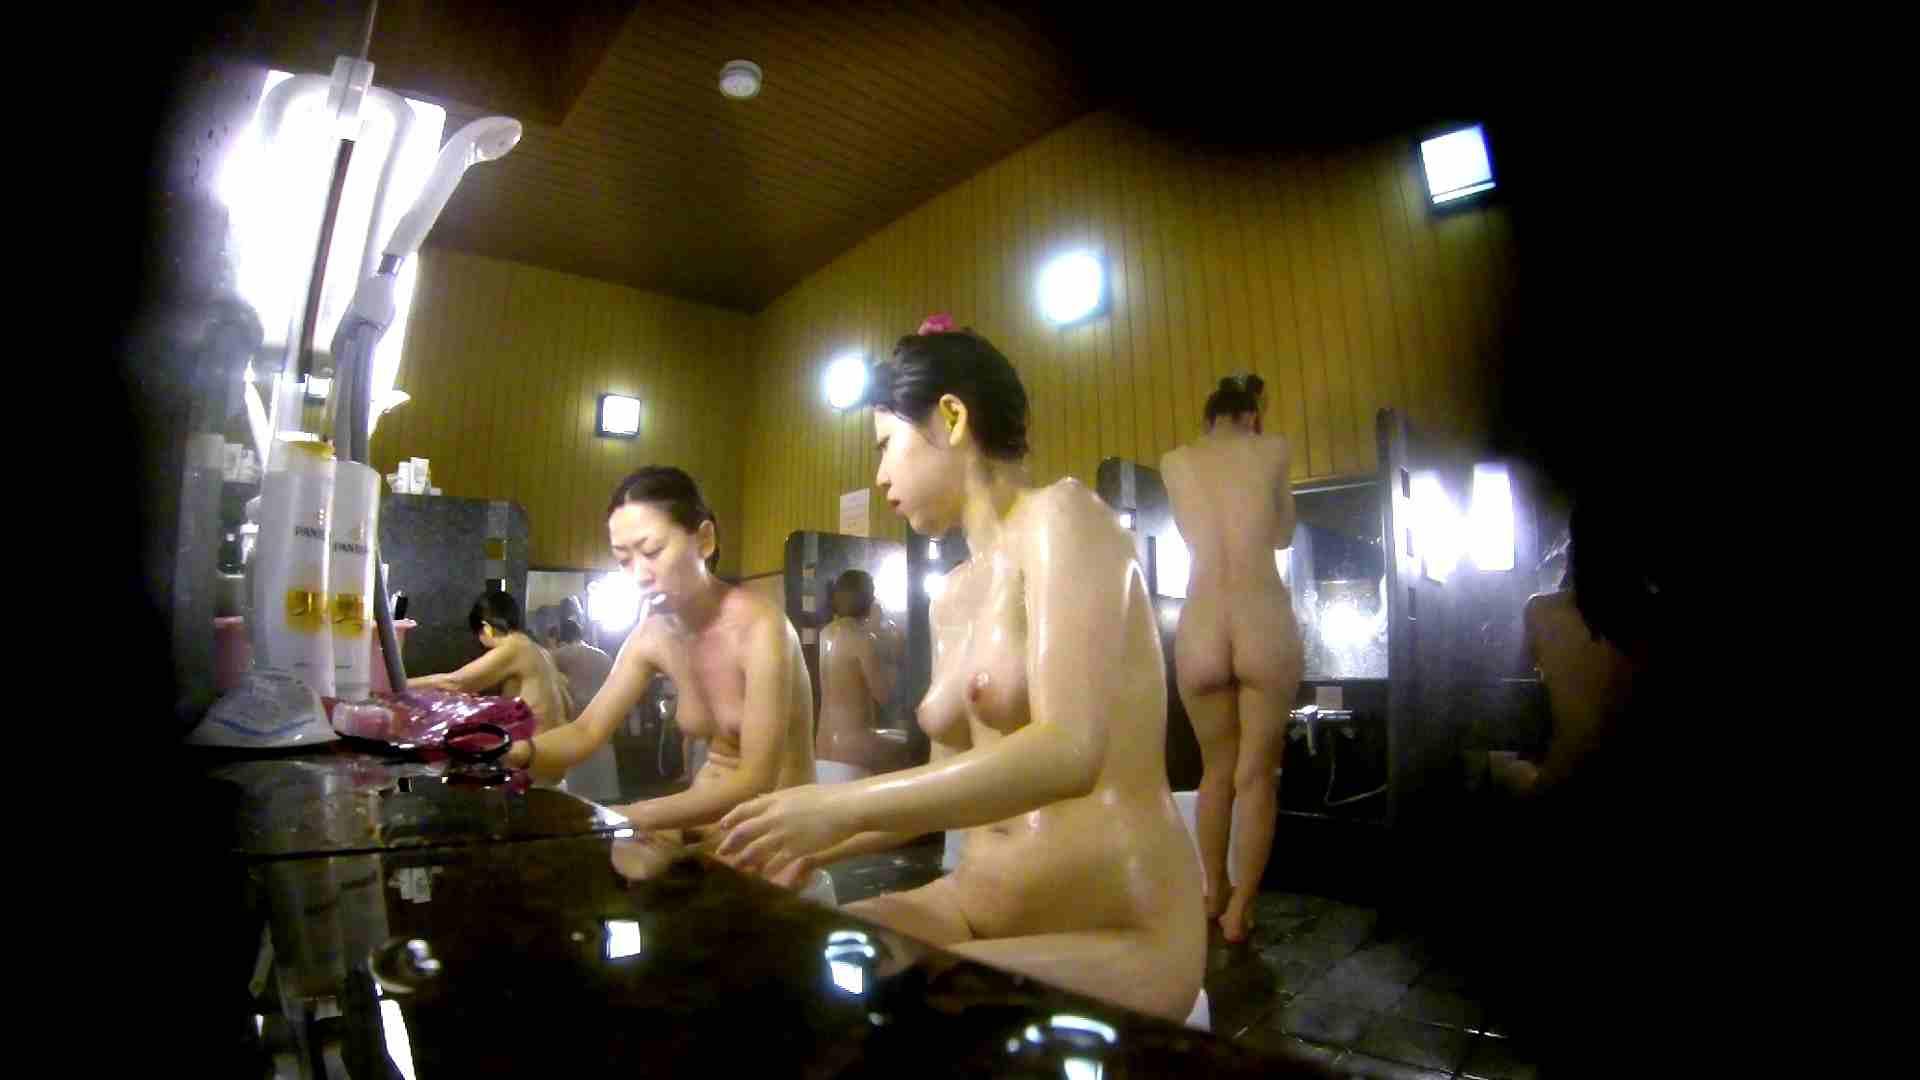 洗い場!柔らかそうな身体は良いけど、歯磨きが下品です。 銭湯特撮  39連発 20